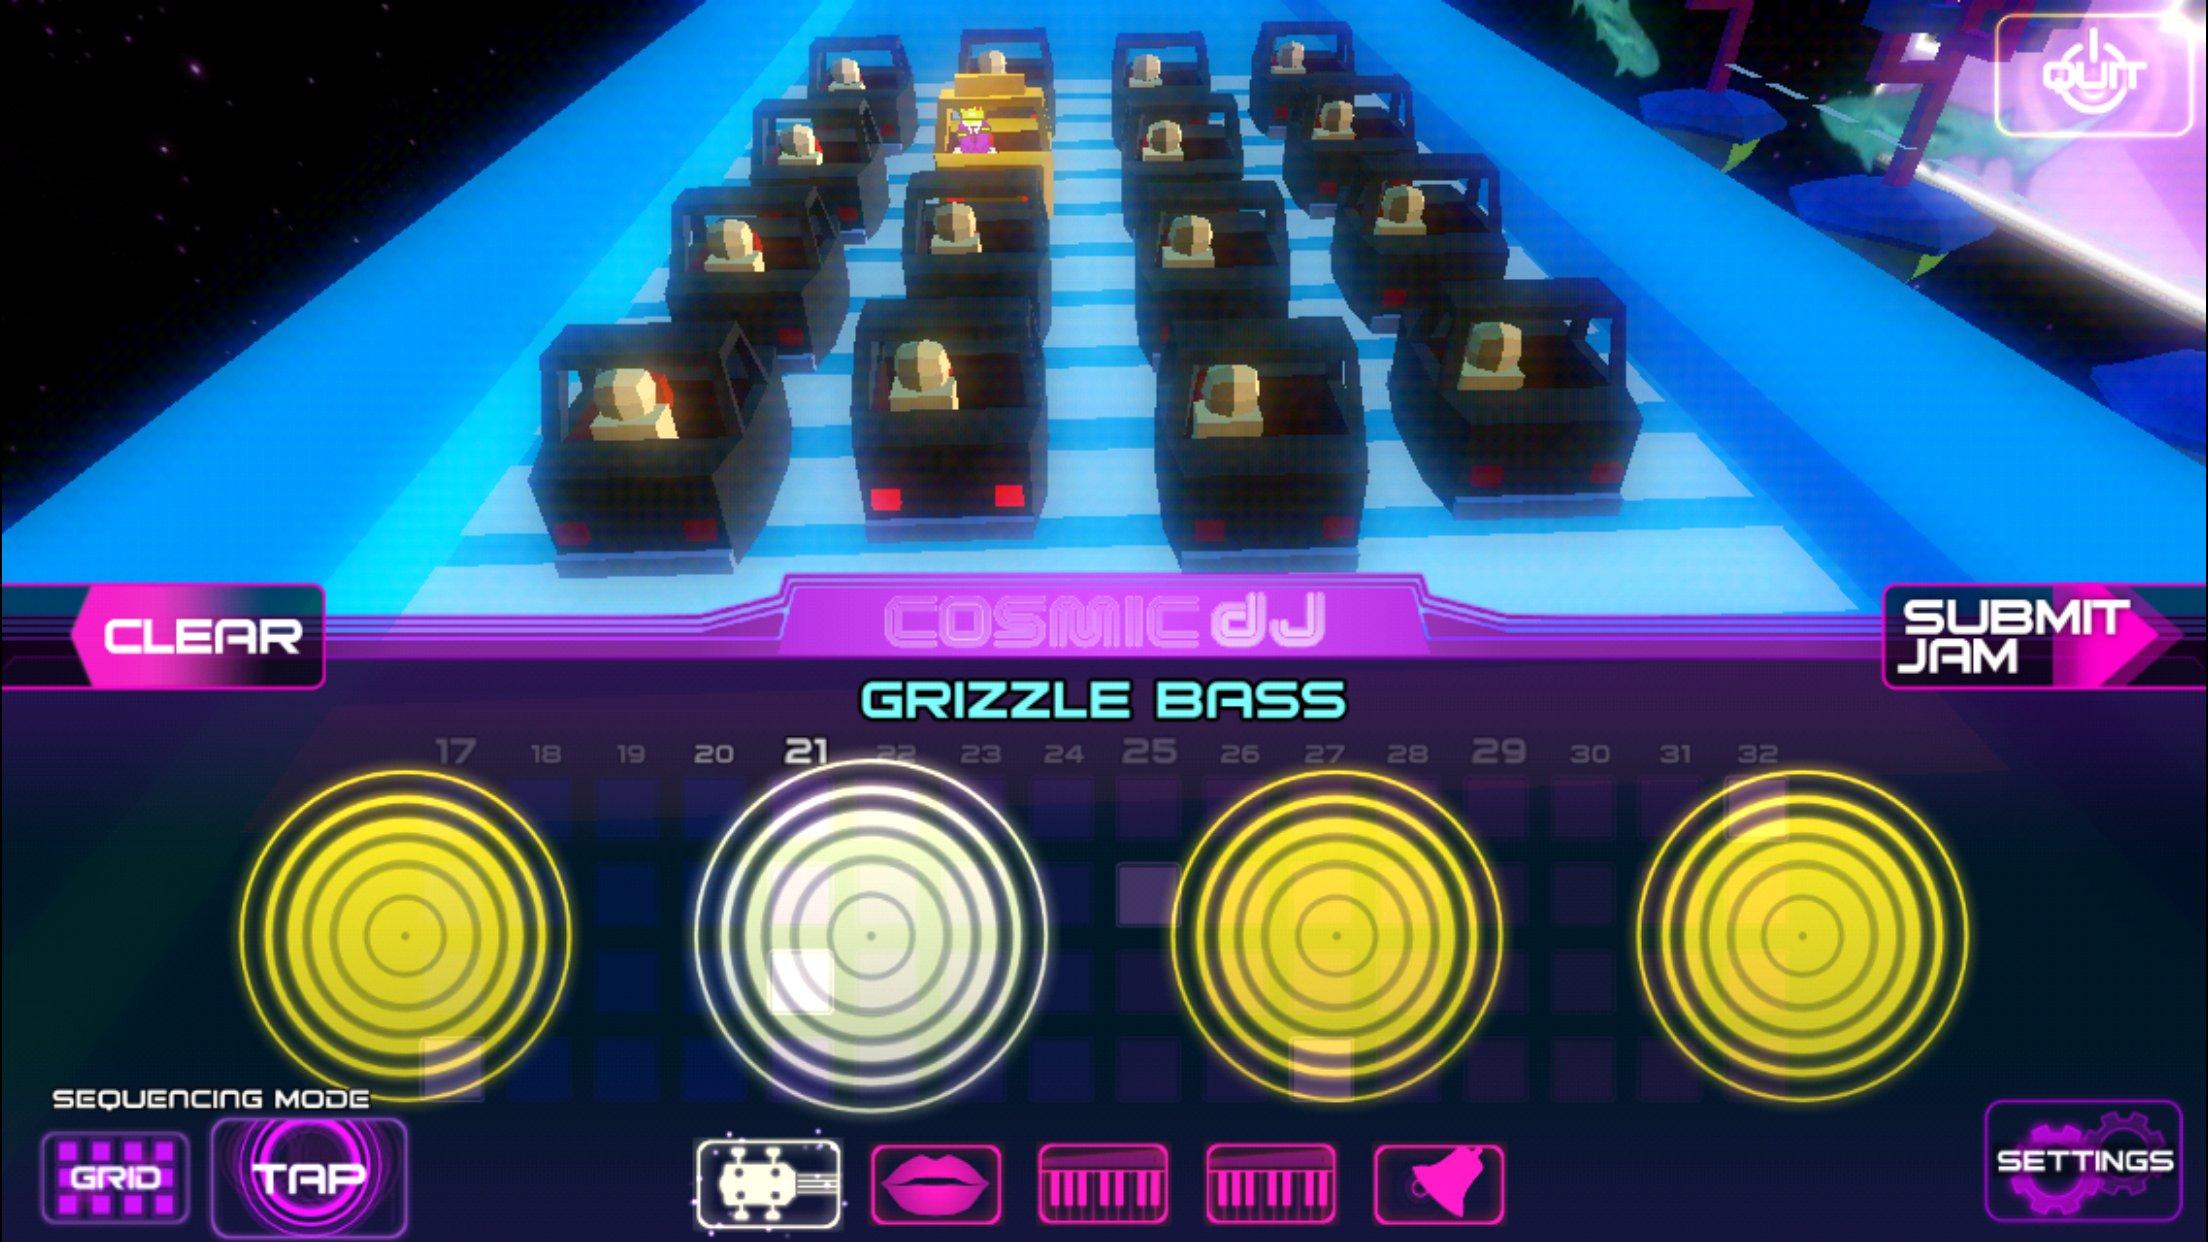 Cosmic DJ 2